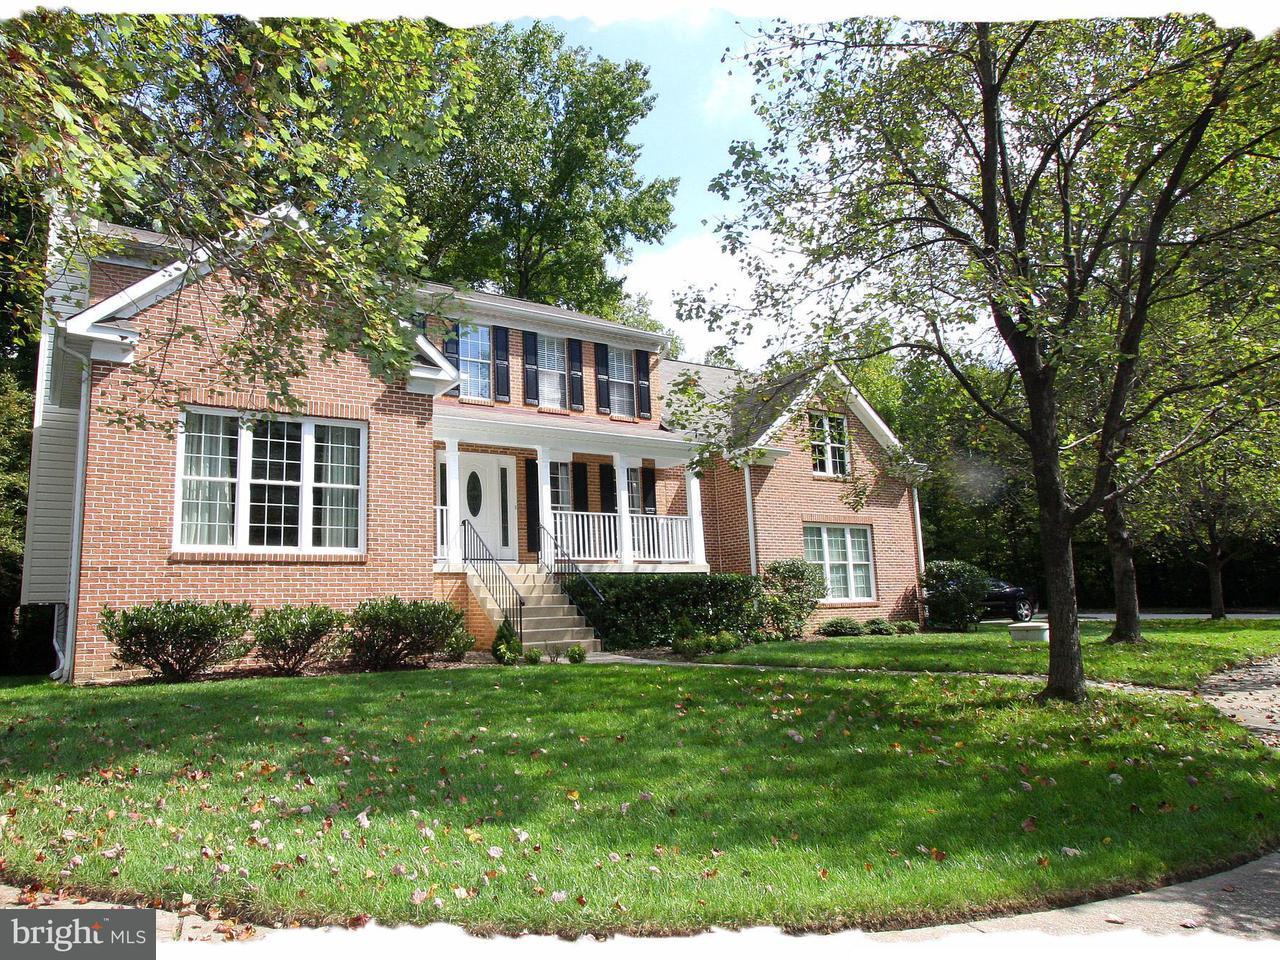 一戸建て のために 売買 アット 1830 Harewood Lane 1830 Harewood Lane Crofton, メリーランド 21114 アメリカ合衆国